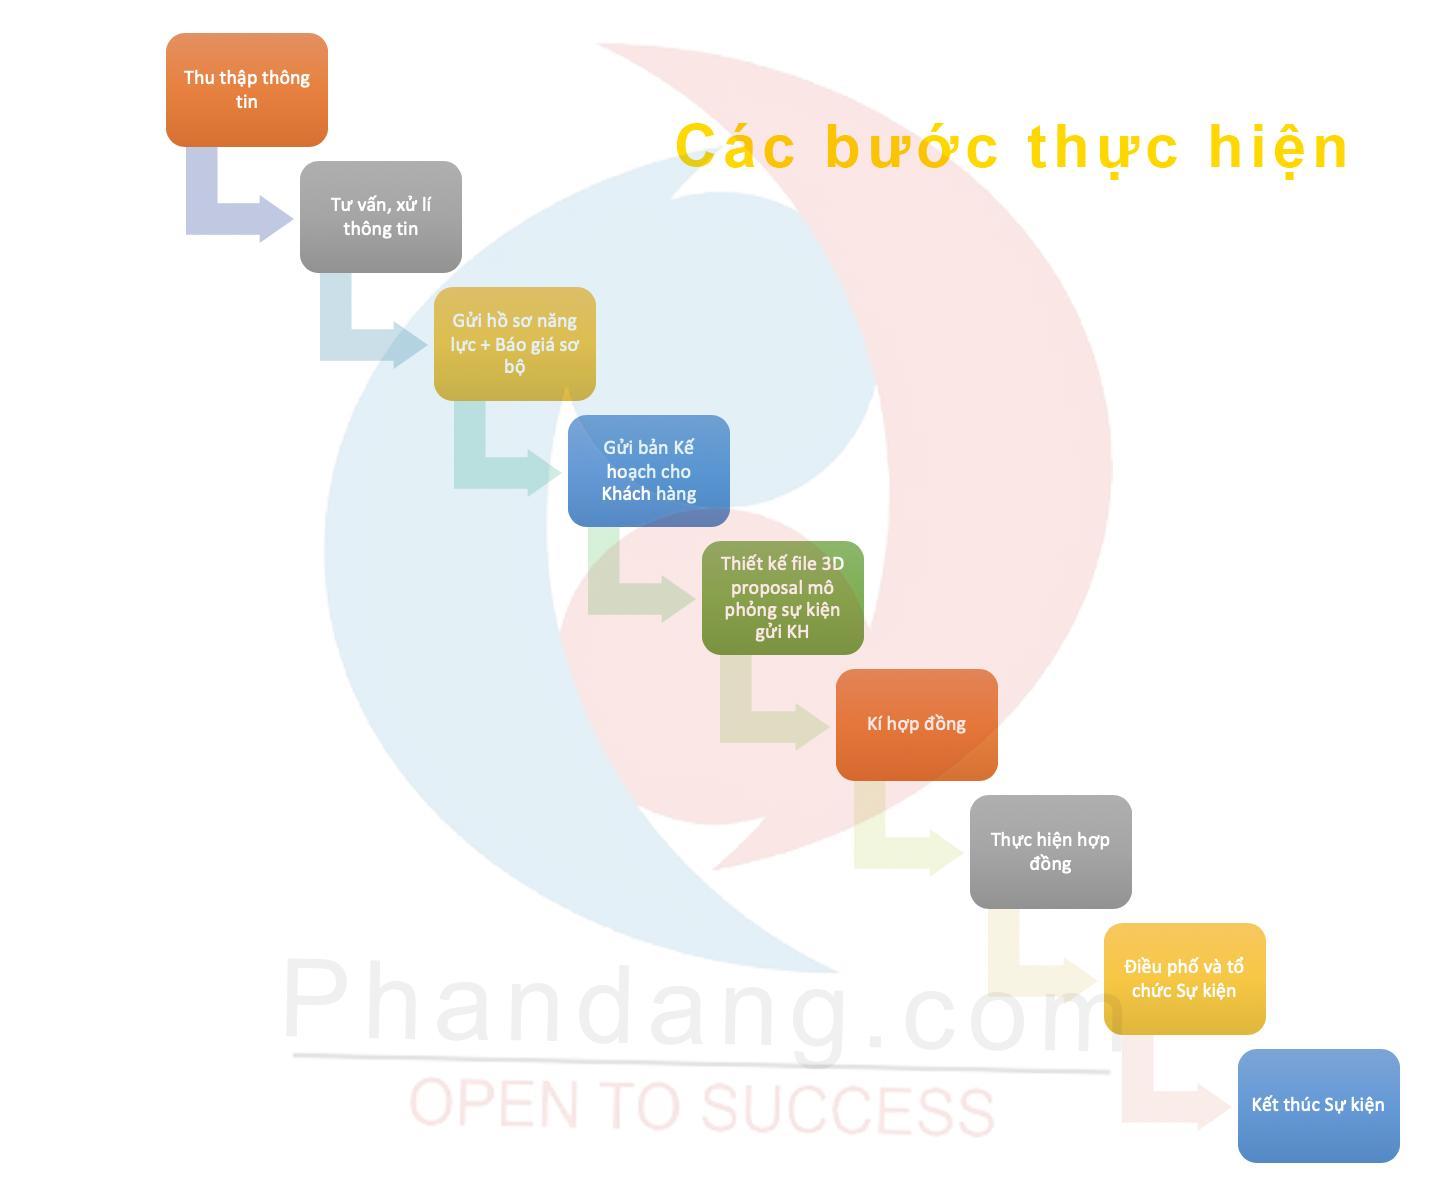 Các bước thực hiện hợp đồng của Công ty Truyền thông Phan Đăng